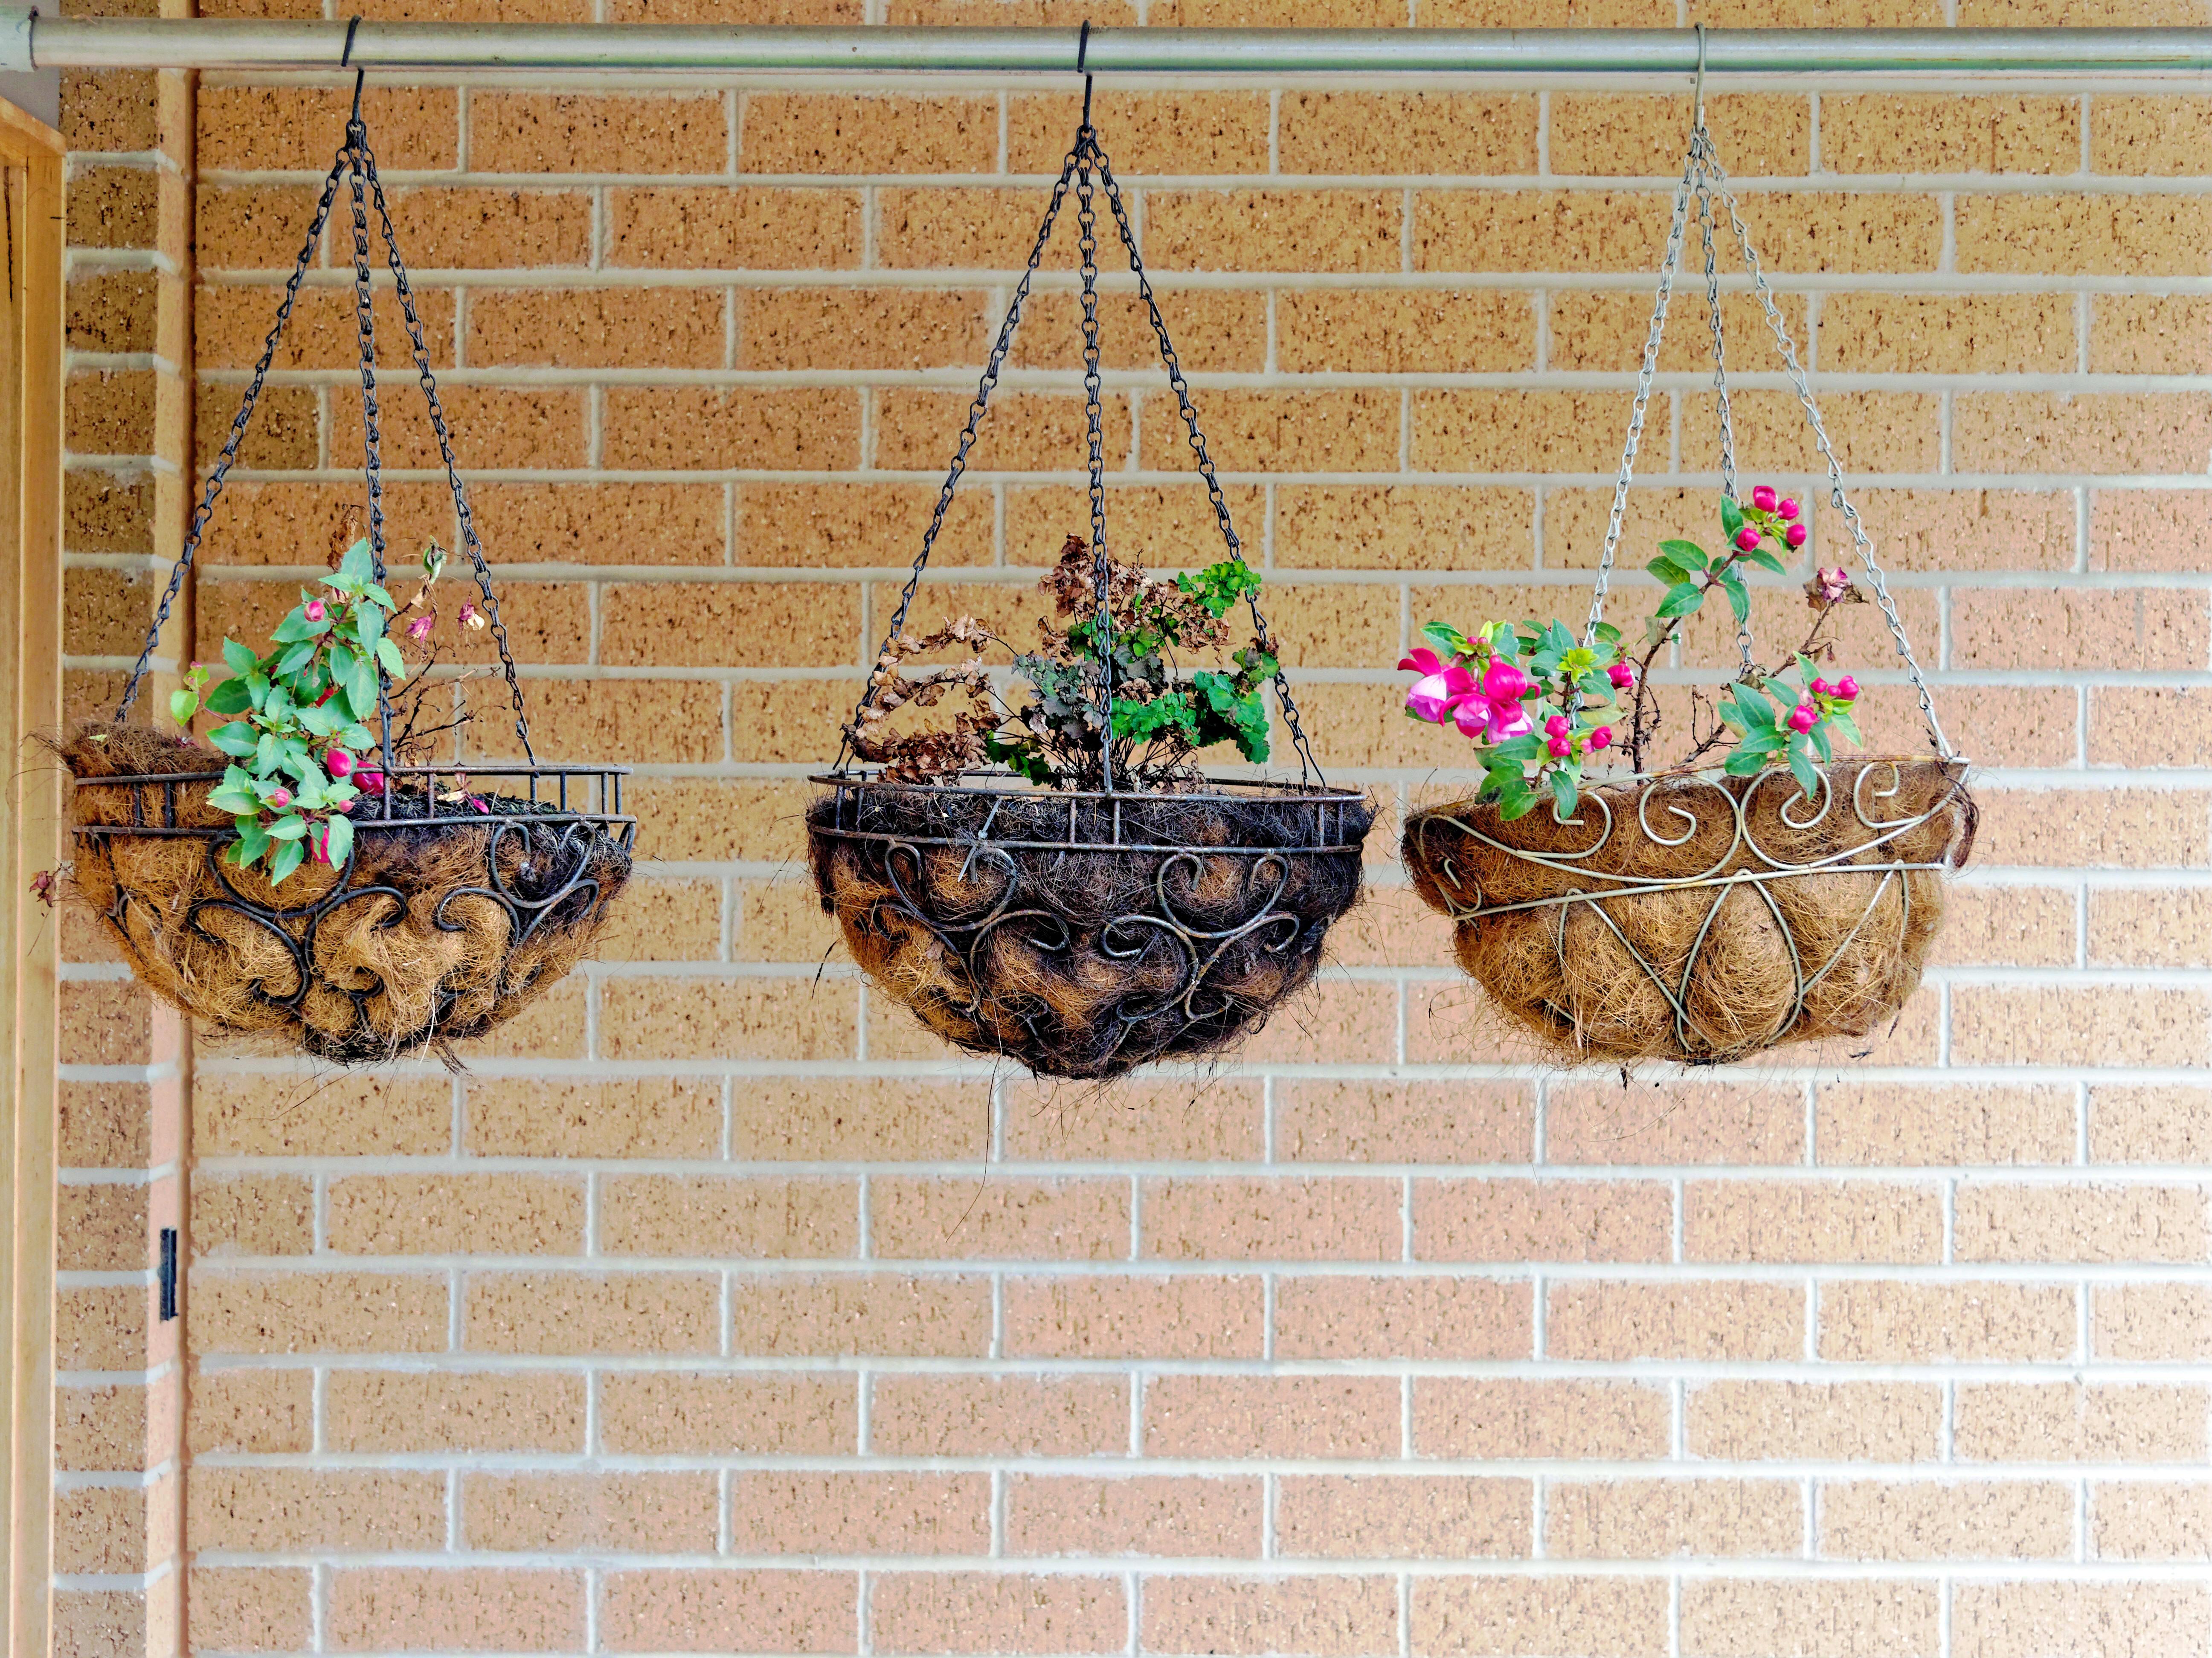 Hanging-baskets-2.jpeg